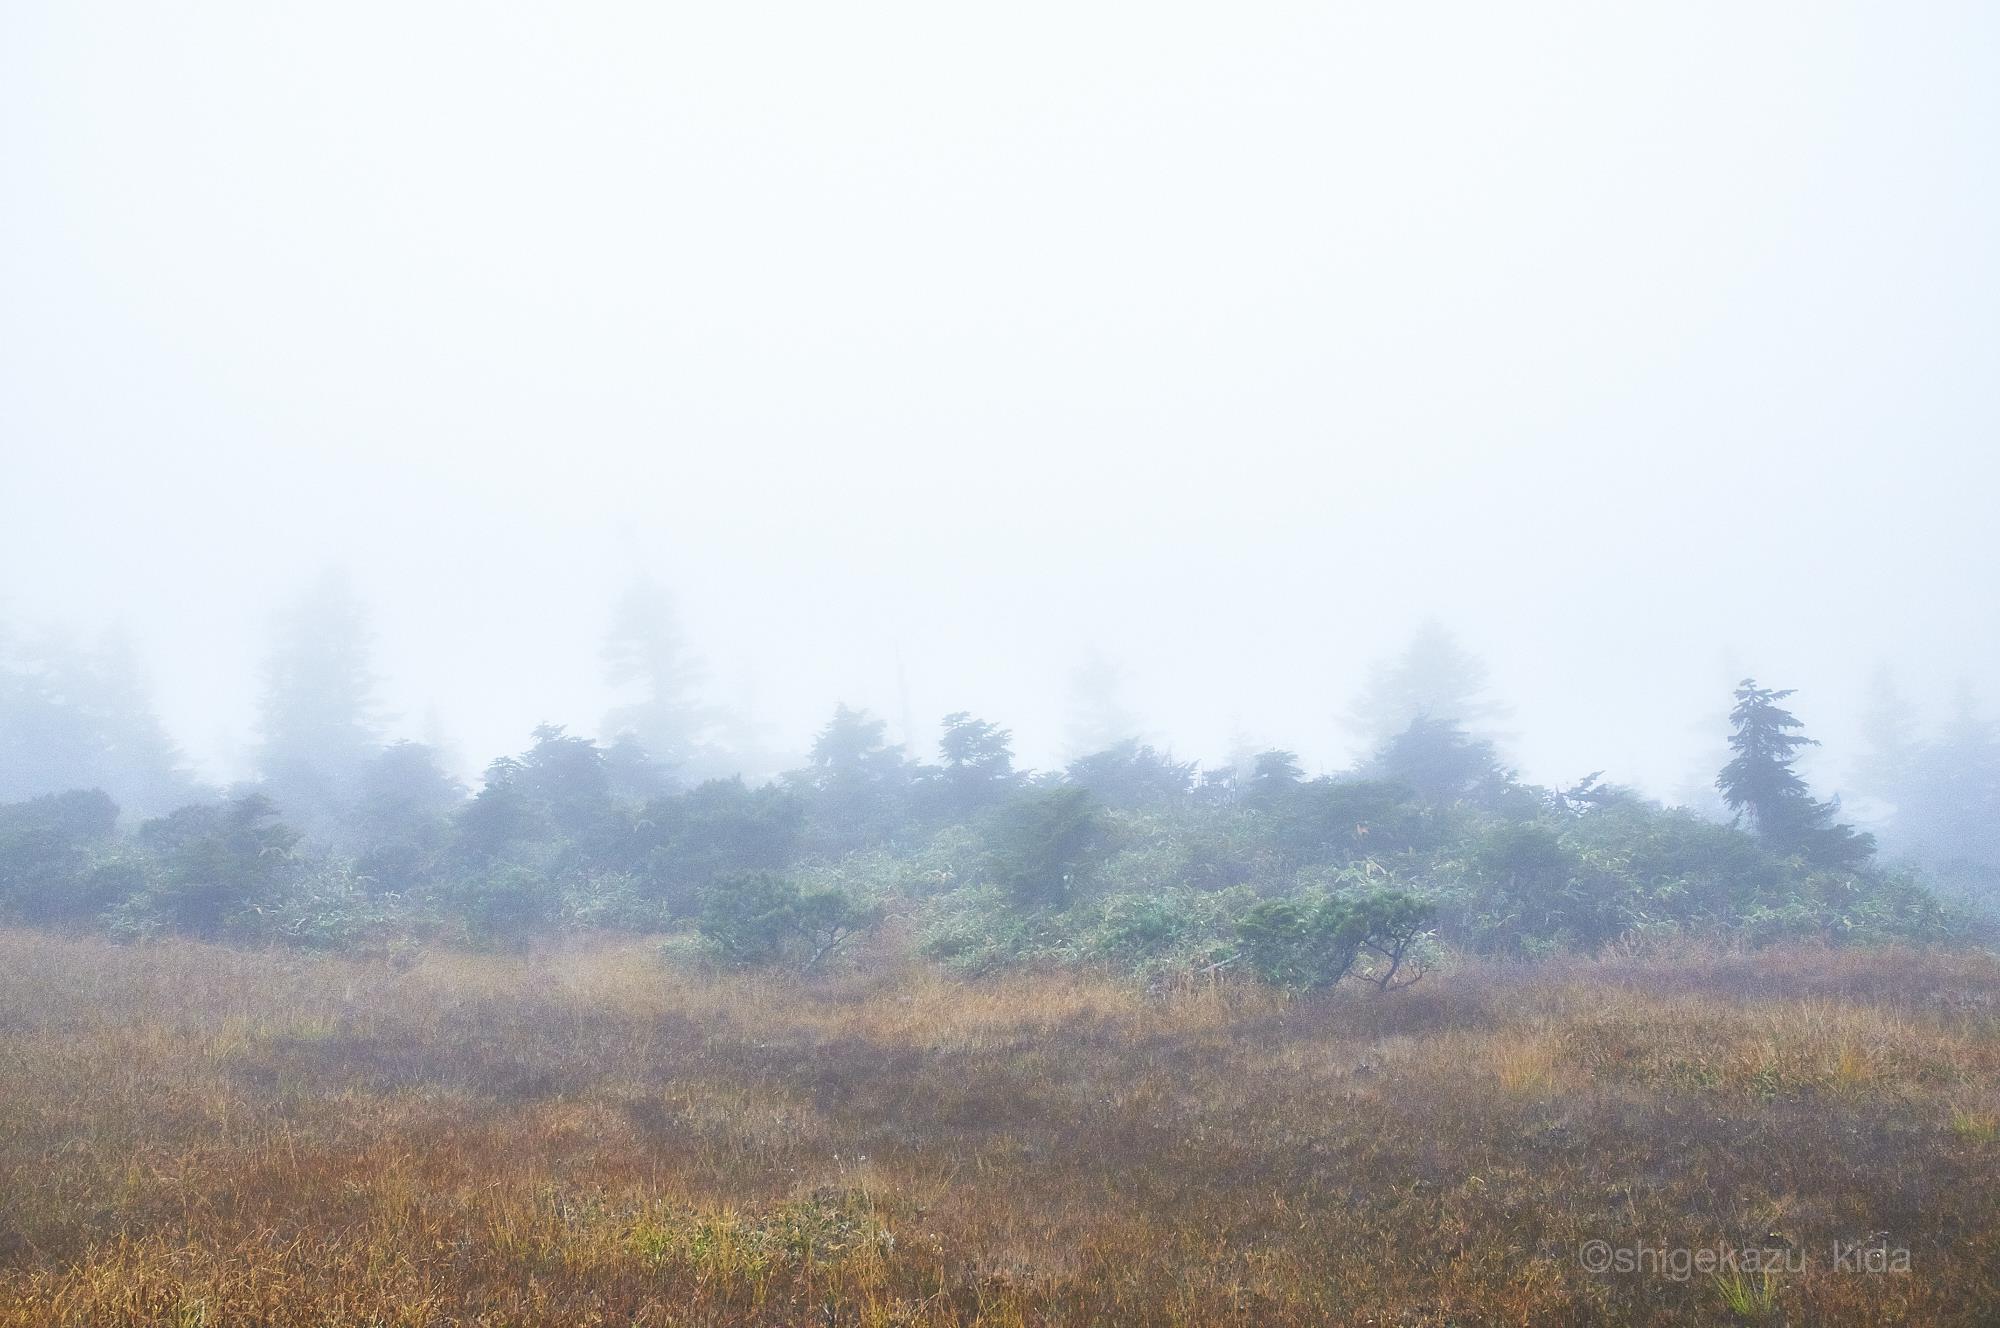 会津駒ヶ岳山頂の靄と森